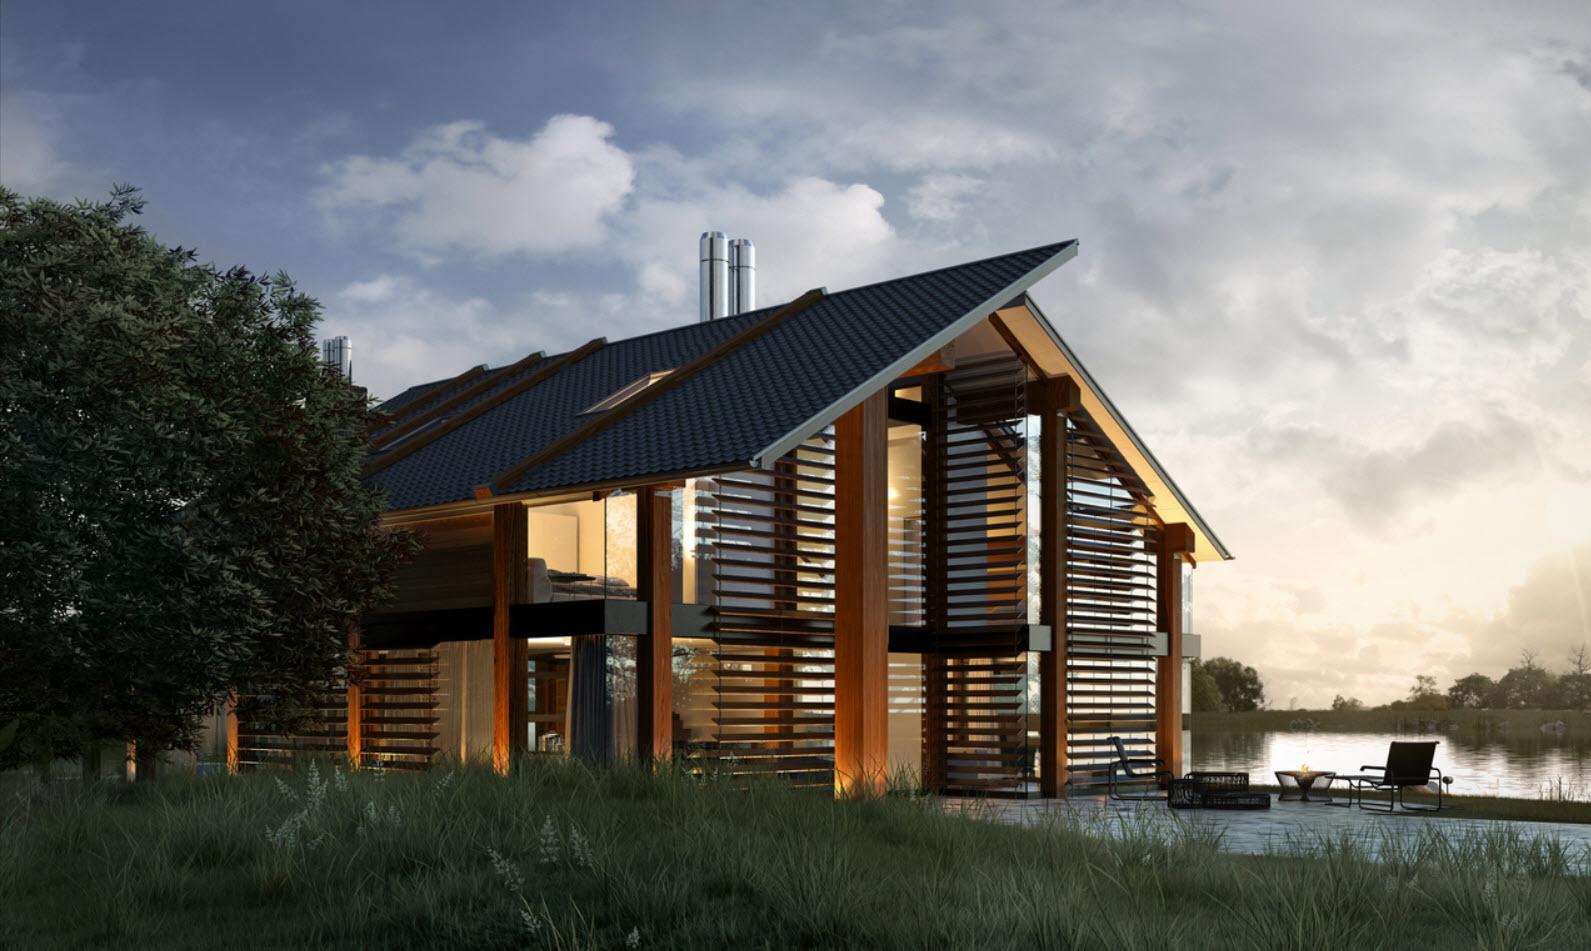 Dise o de casa de madera moderna hermosa fachada for Casas de madera de dos pisos